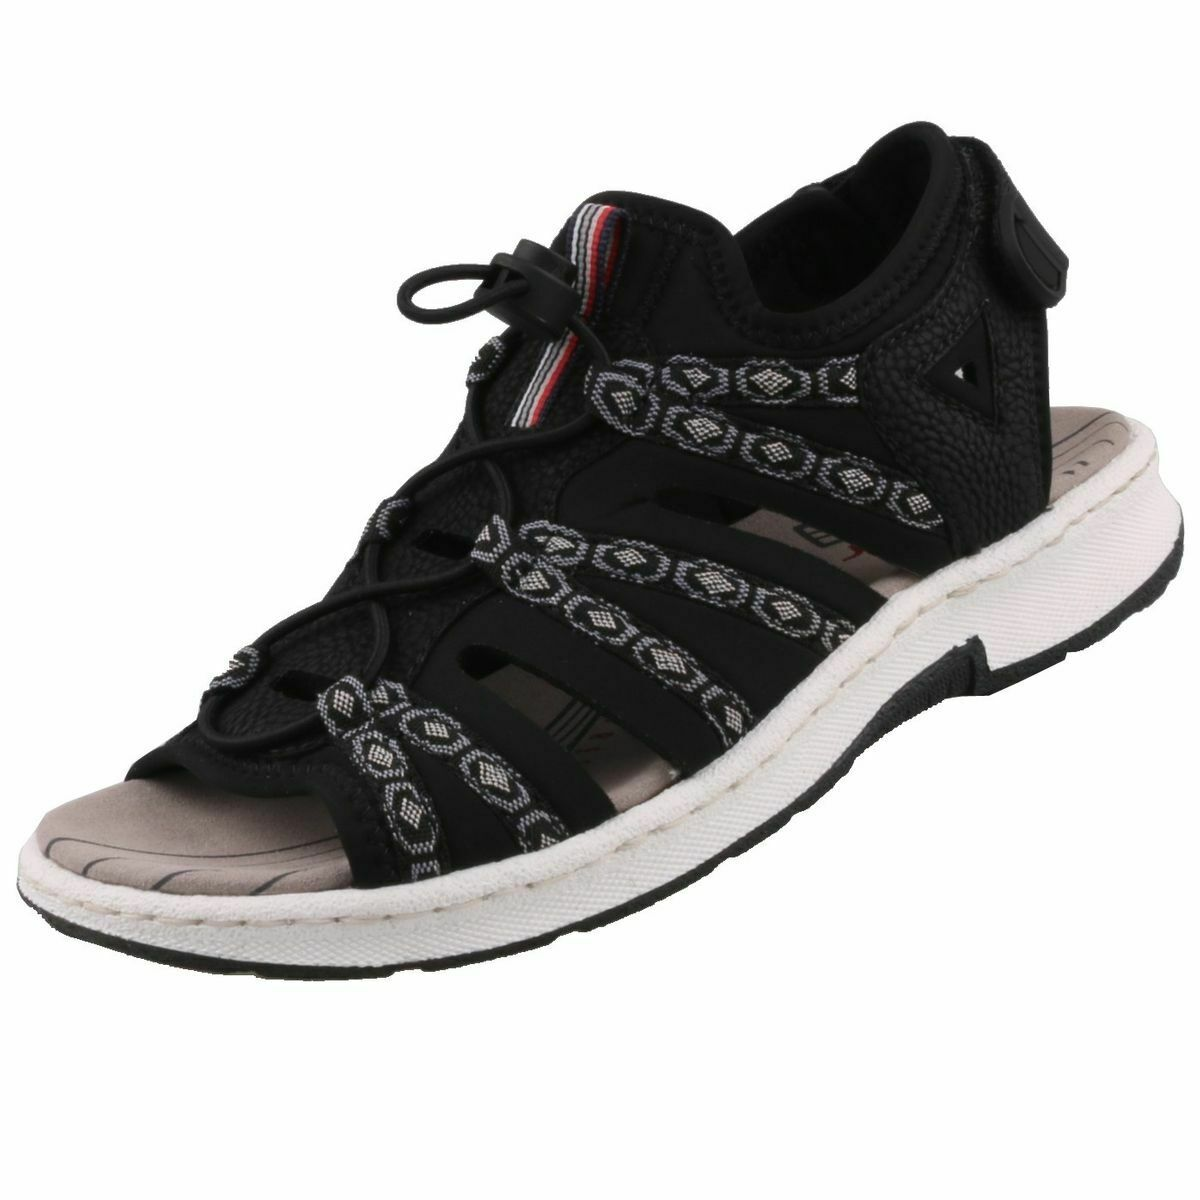 NEUF Rieker chaussures femmes Extérieur Sandales De Trekking Sandales chaussures femmes Sandales